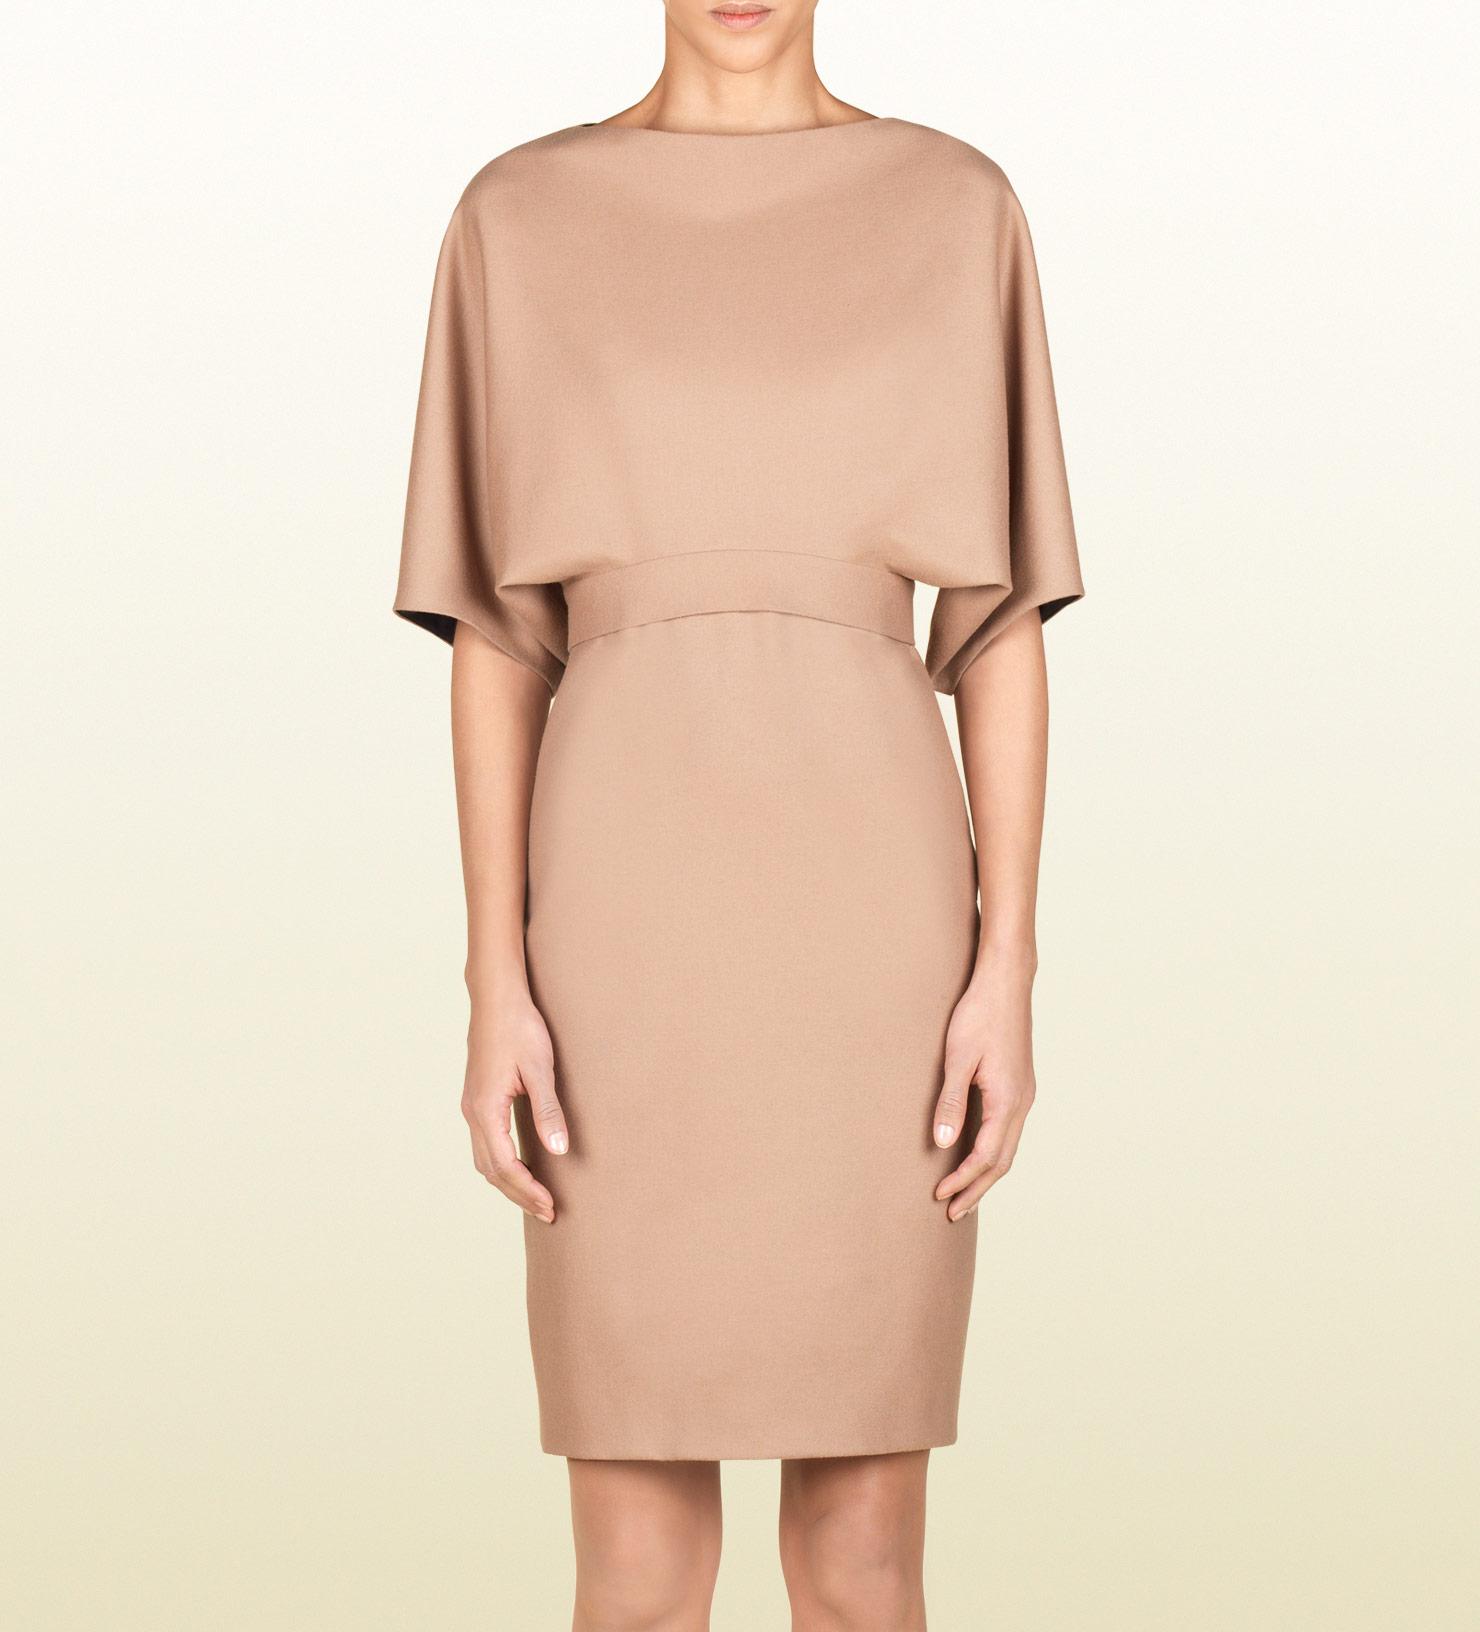 Gucci Cape Dress in Beige (camel) | Lyst